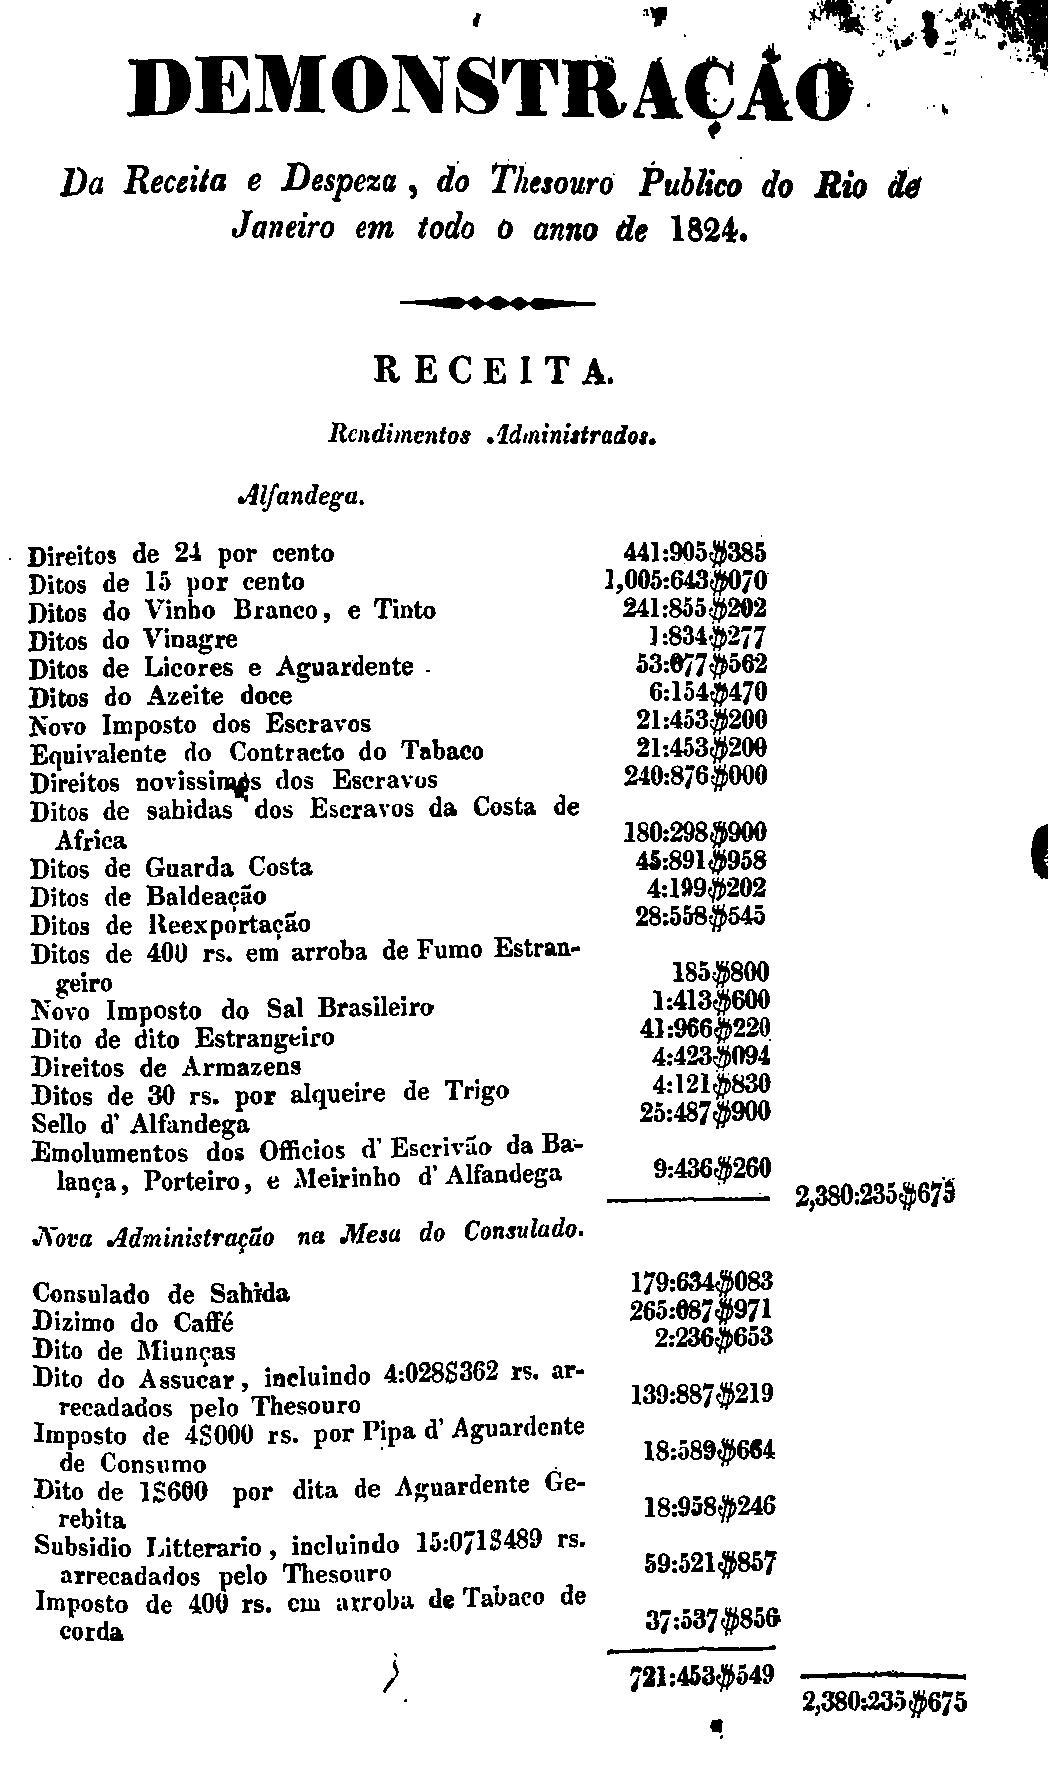 Ministerio da Fazenda - Demonstração da receita e despesa do Thesouro Público em todo o ano de 1824